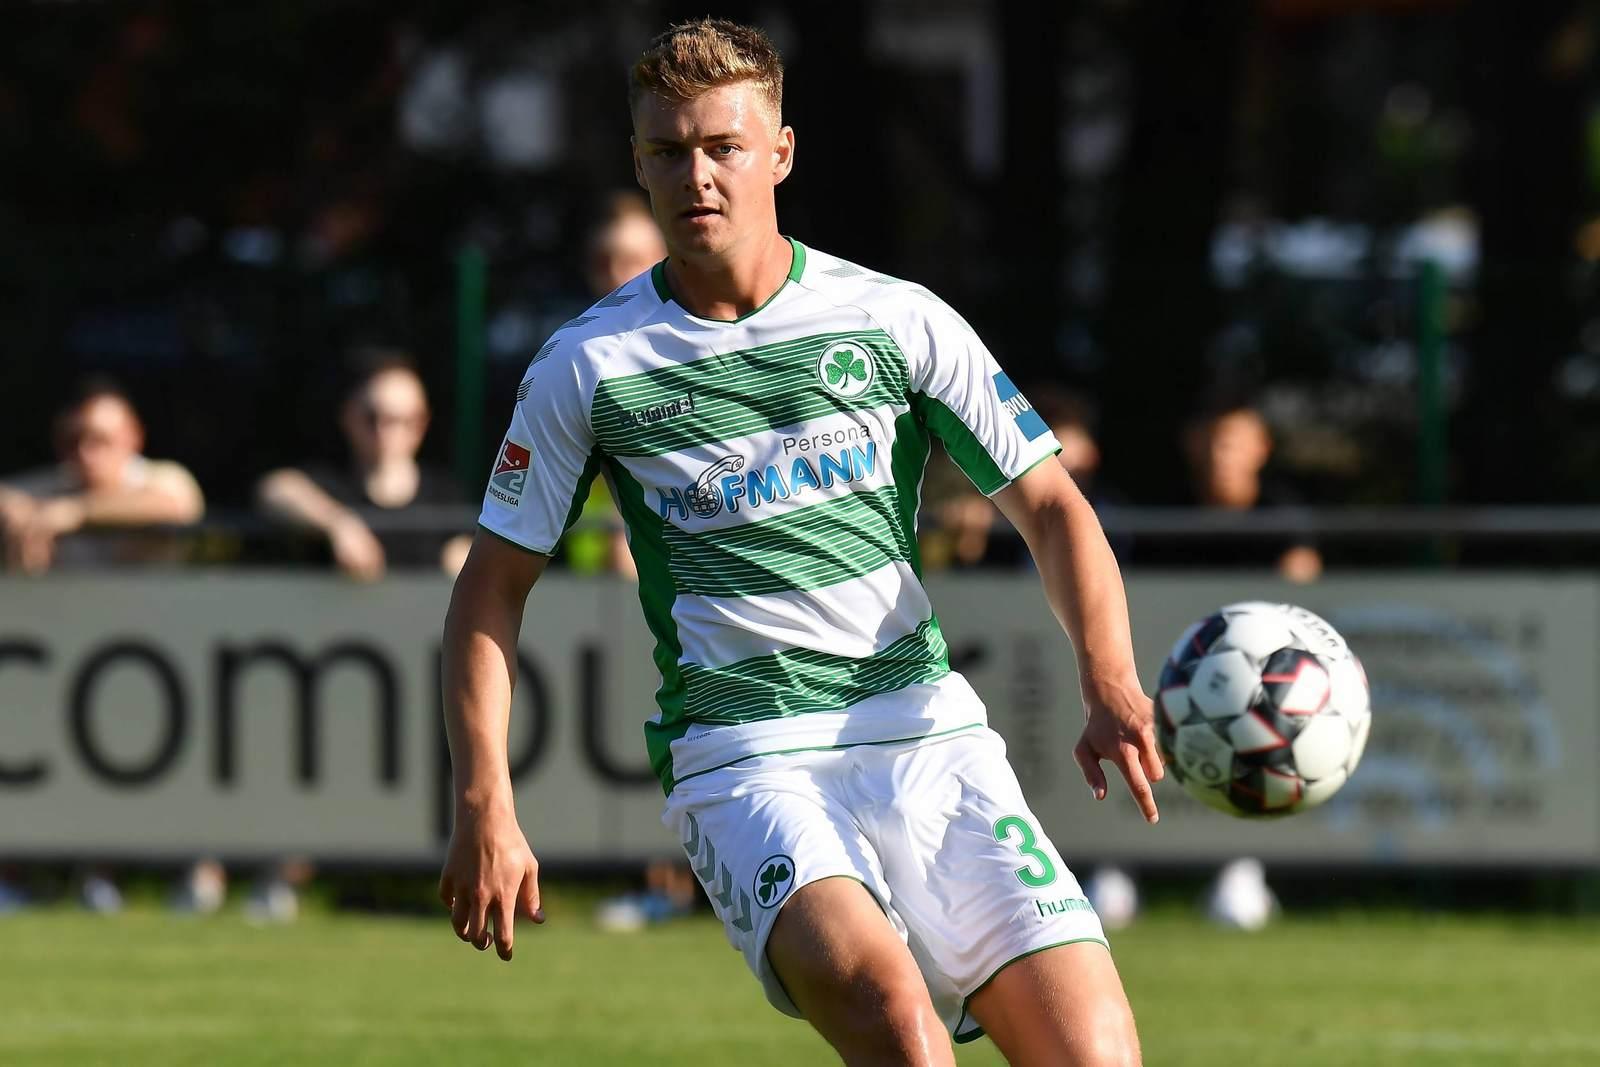 Daniel Steininger am Ball für Greuther Fürth